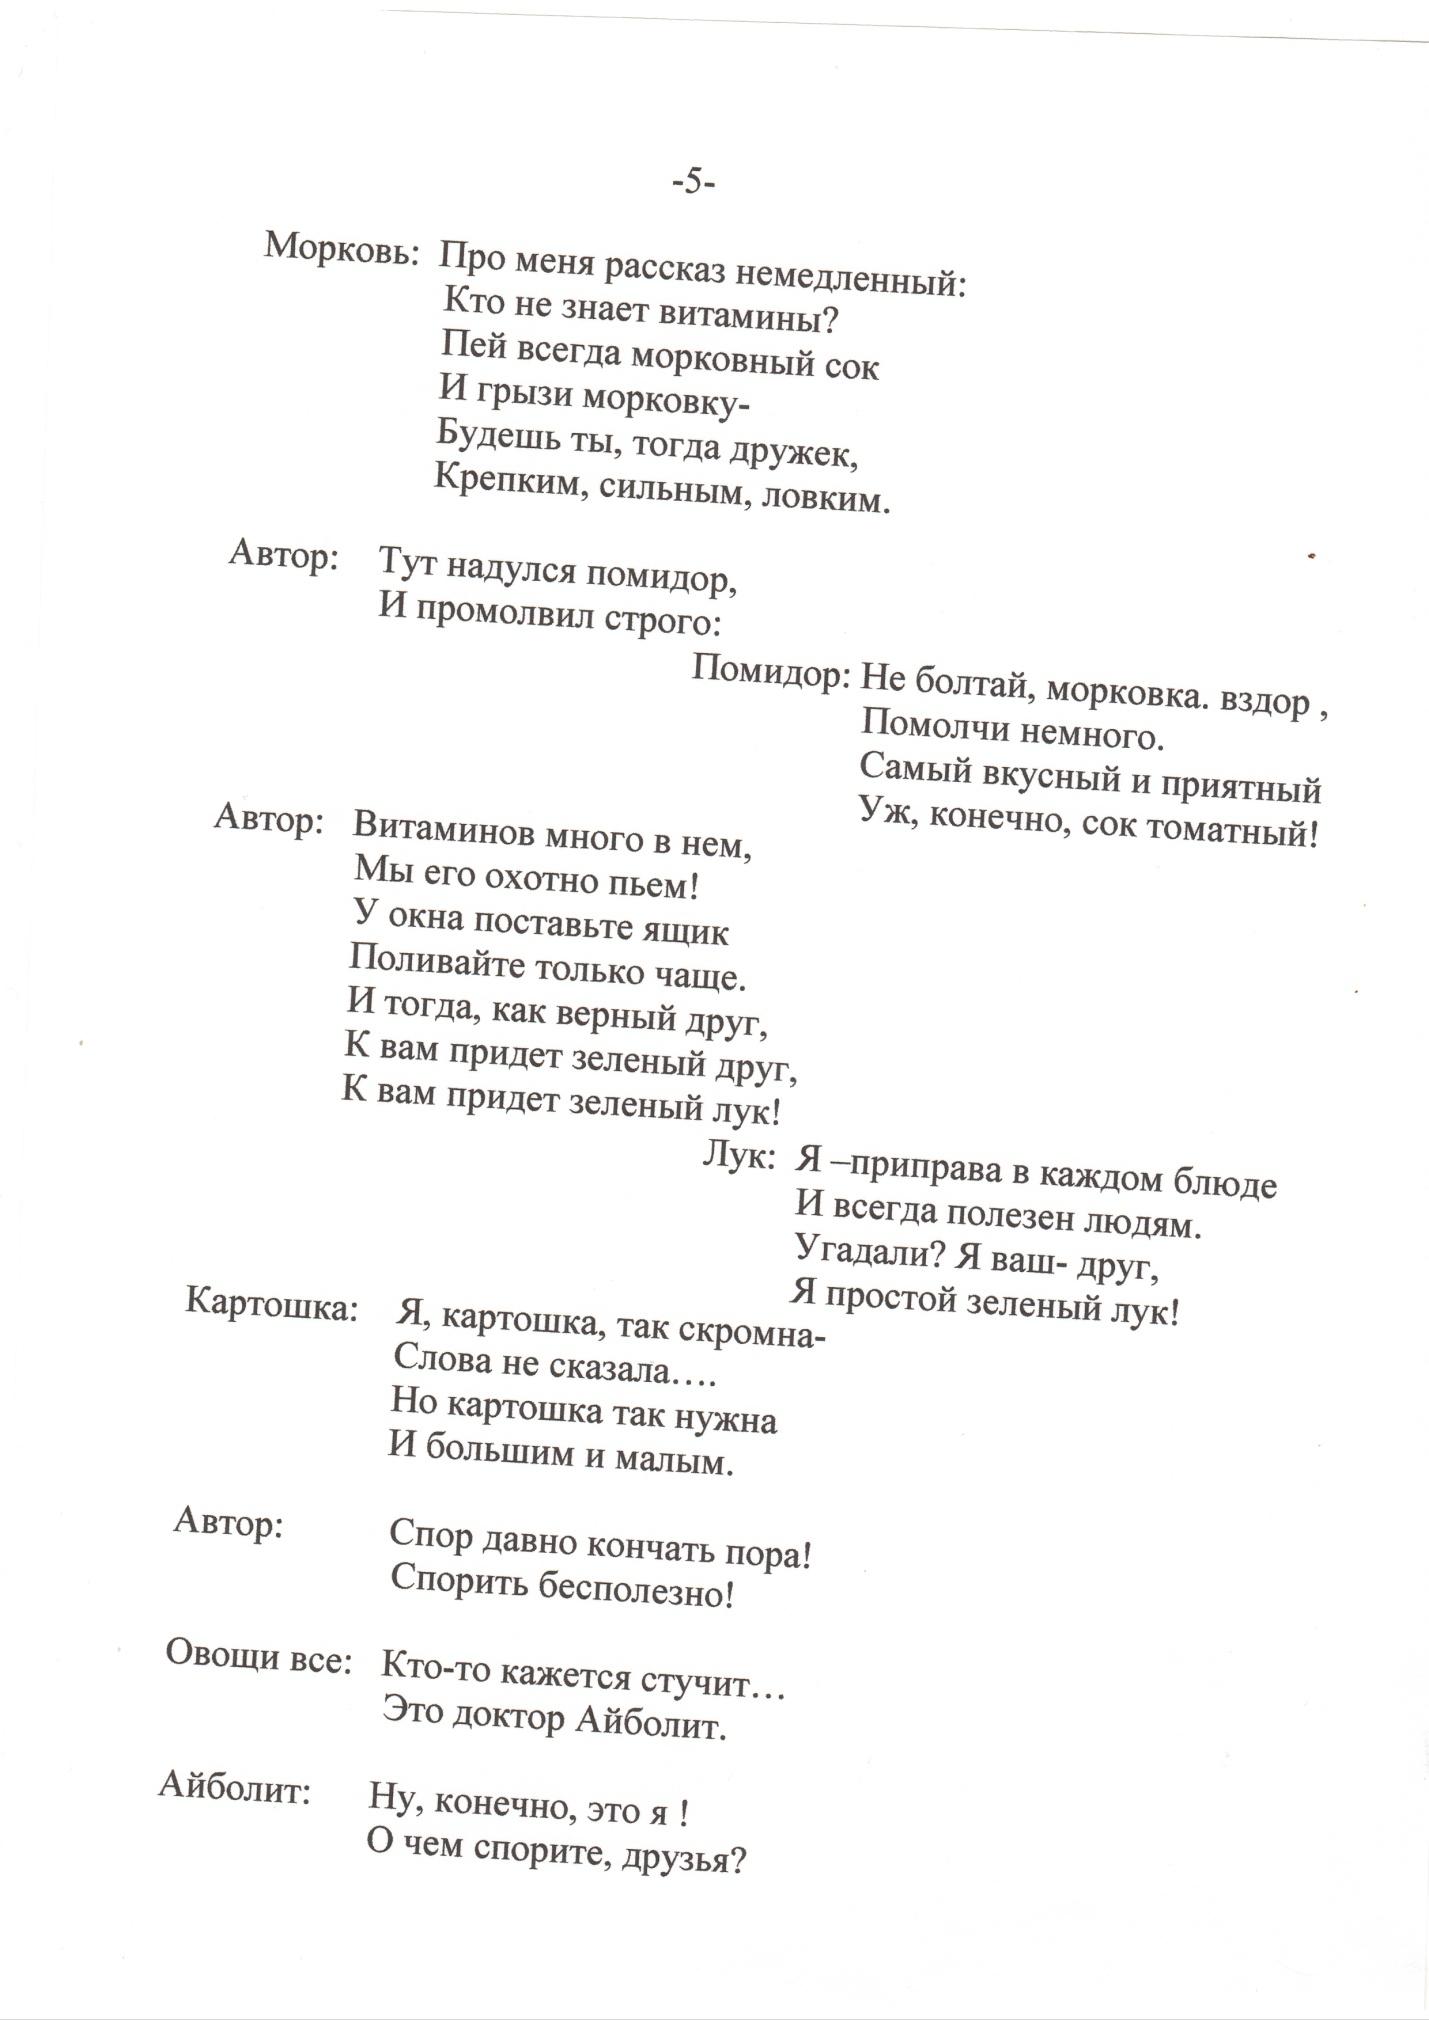 D:\Фото\ОСЕНЬ ПРАЗДНИК\Новая папка\020005.JPG